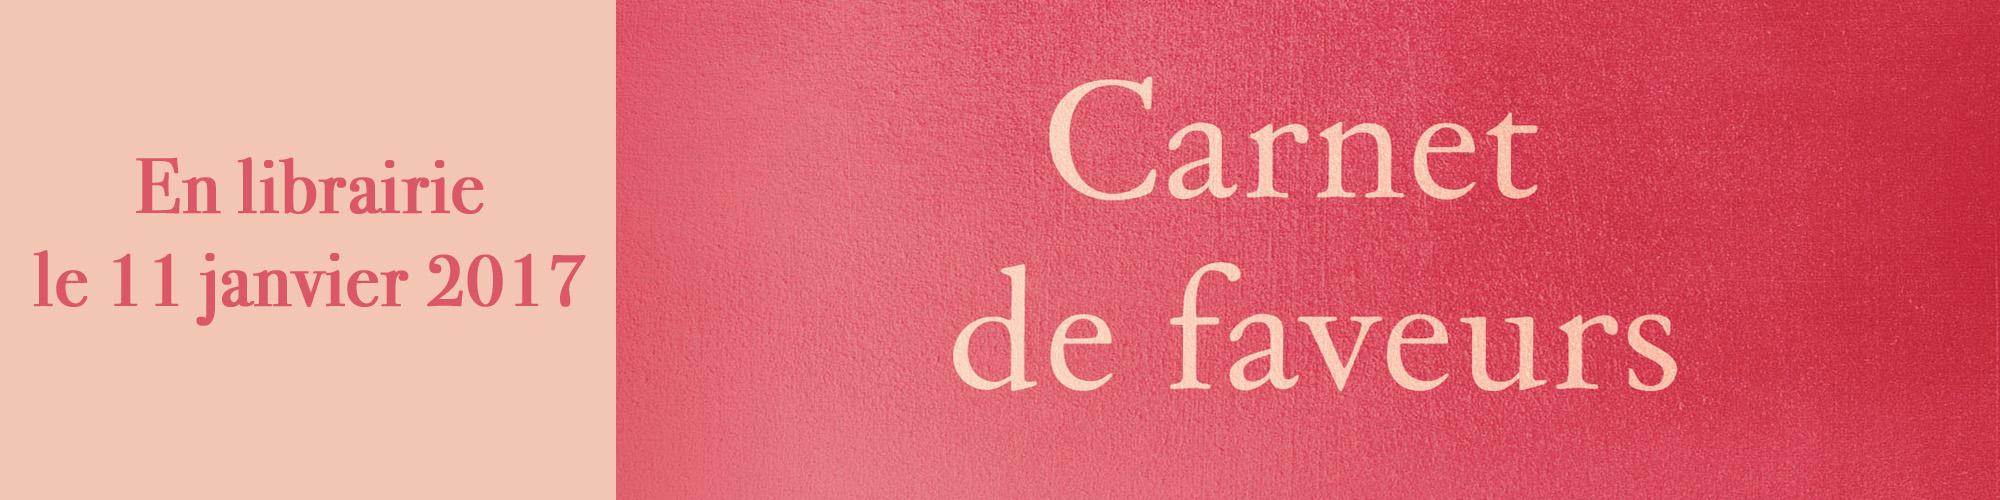 érotique carnet de faveurs chloé bellerose